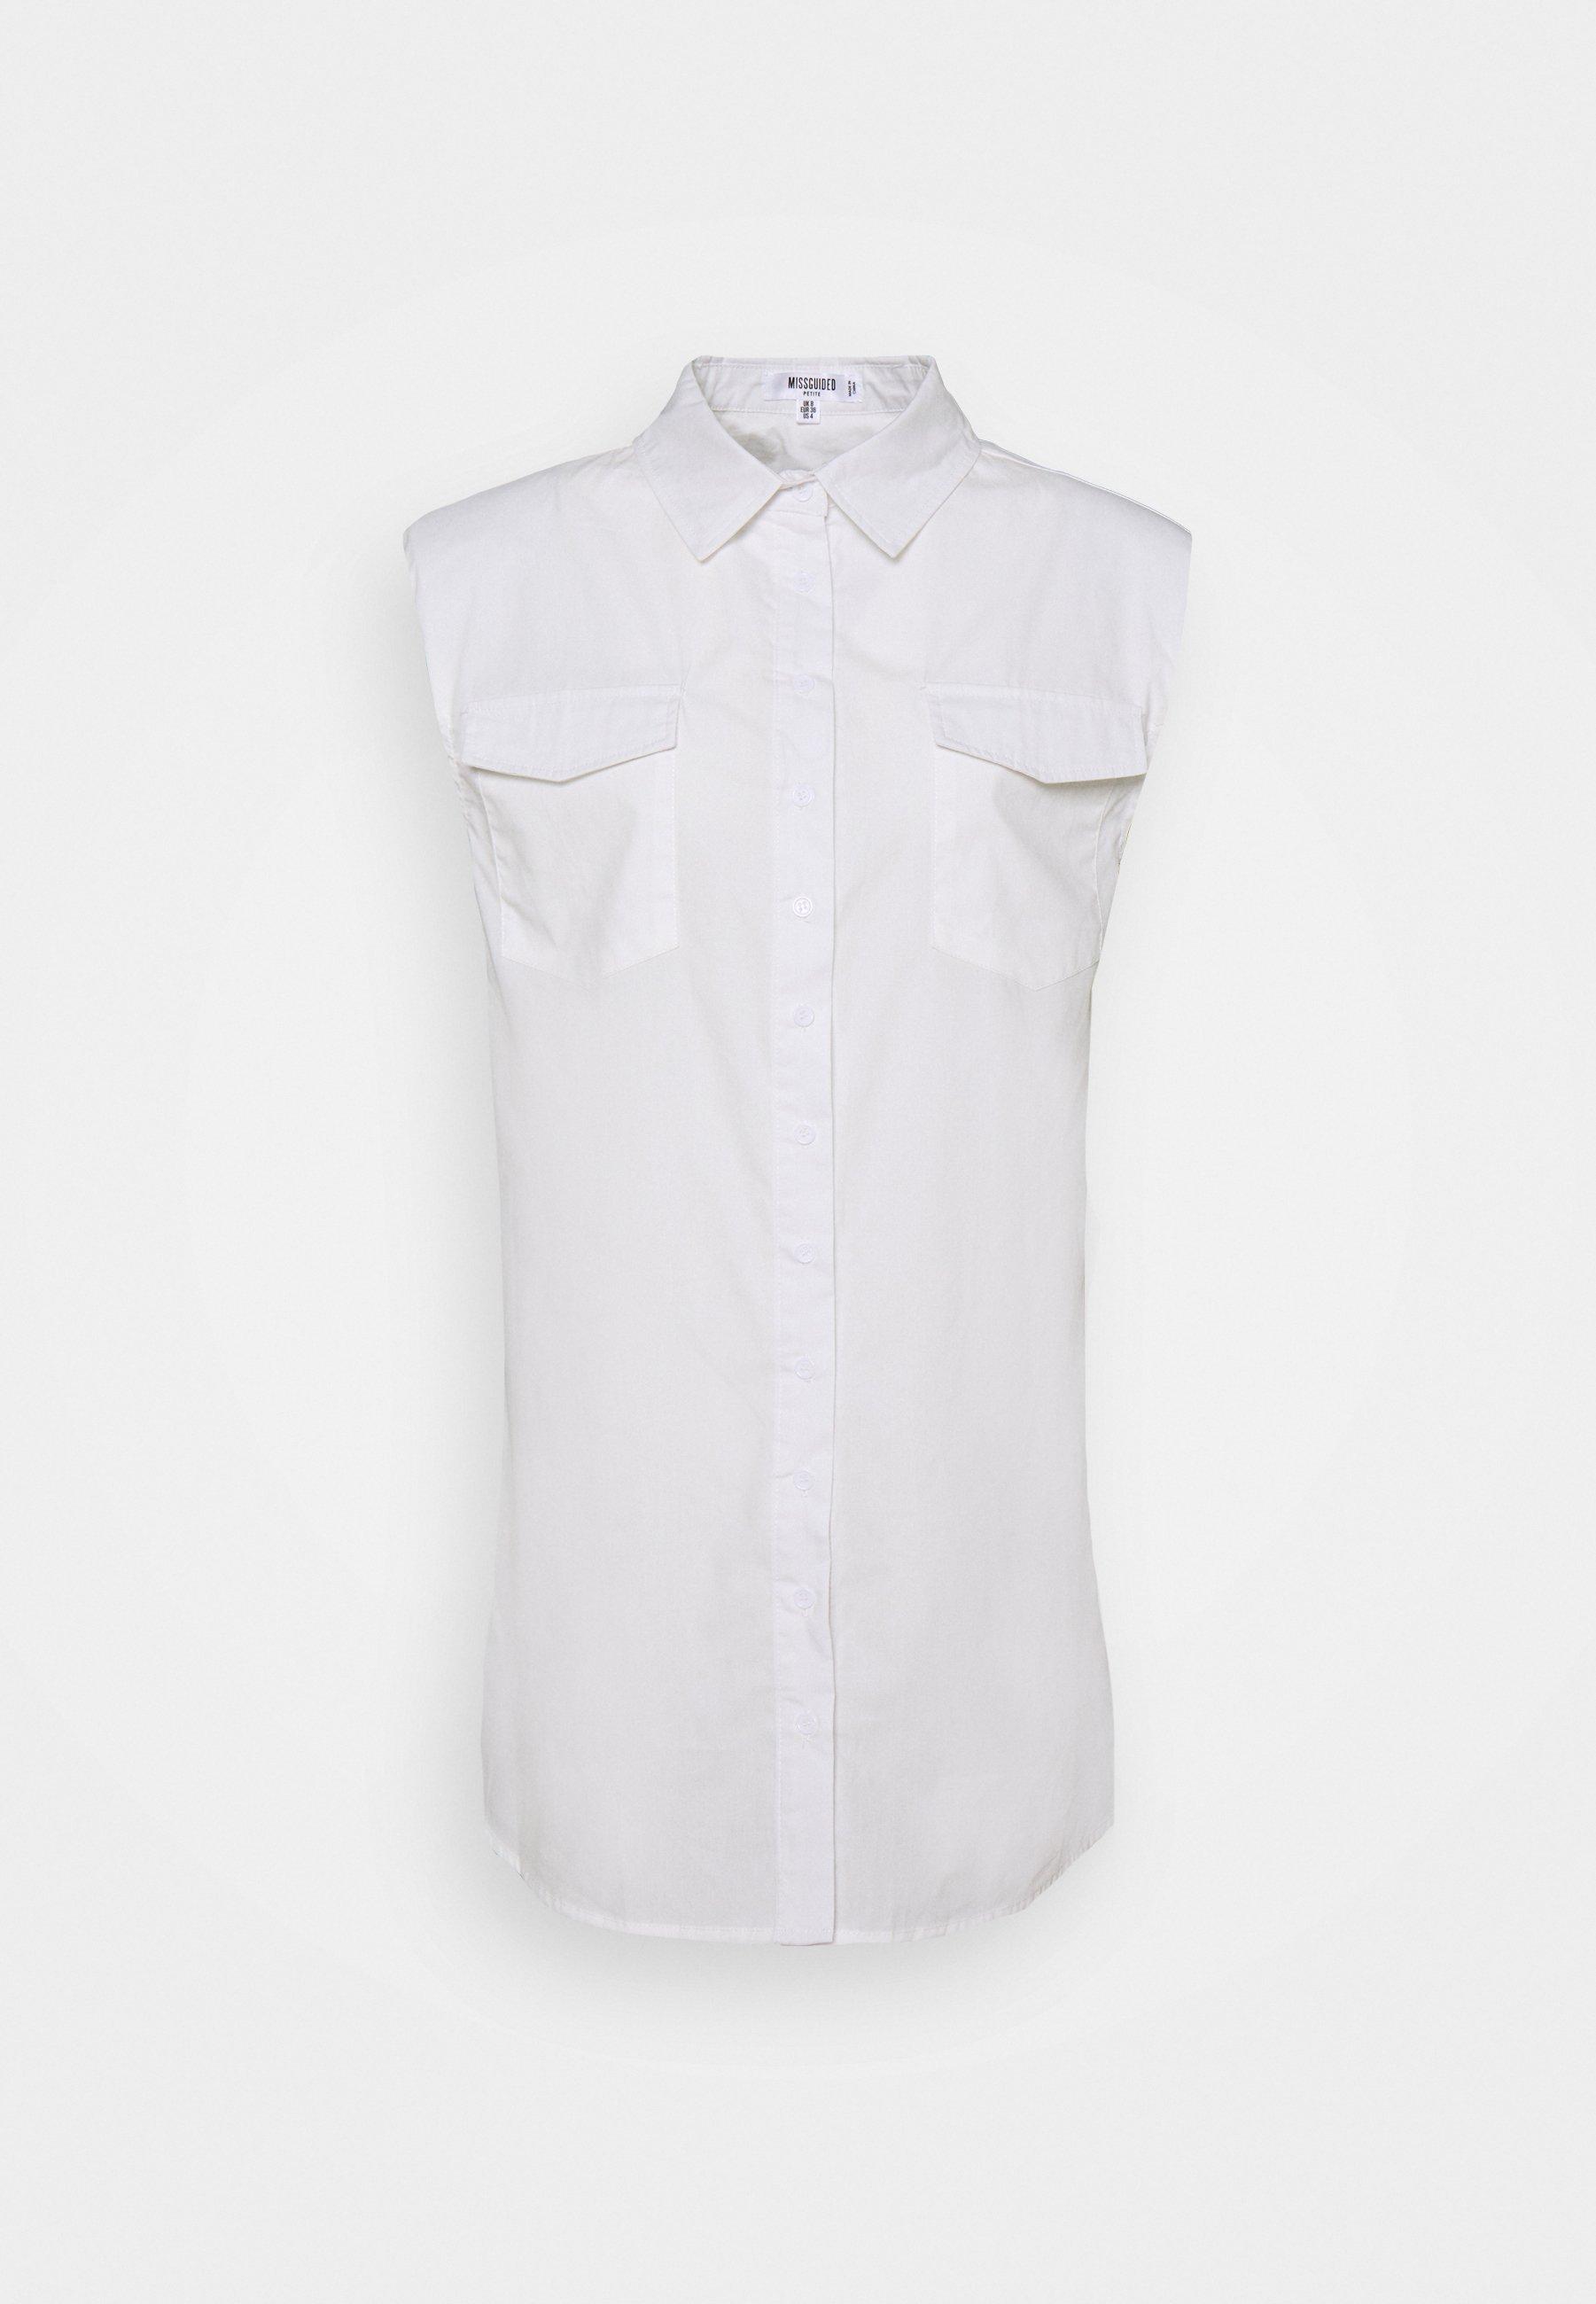 Women SHOULDER PAD SLEEVELESS DRESS - Shirt dress